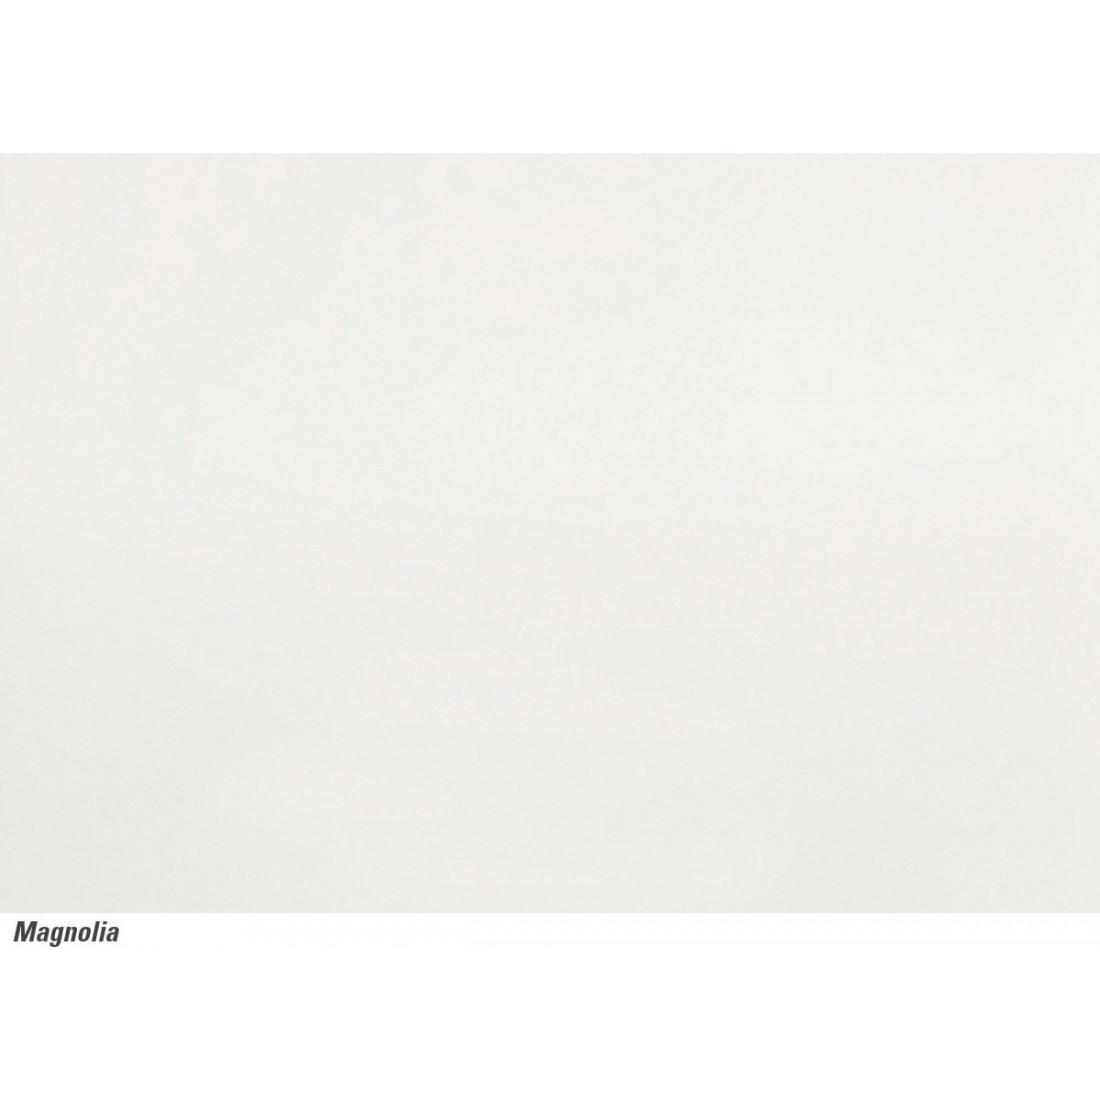 Keraminė plautuvė Franke Mythos, MTK 611-100, Magnolia, dubuo dešinėje, 2 išgręžtos skylės